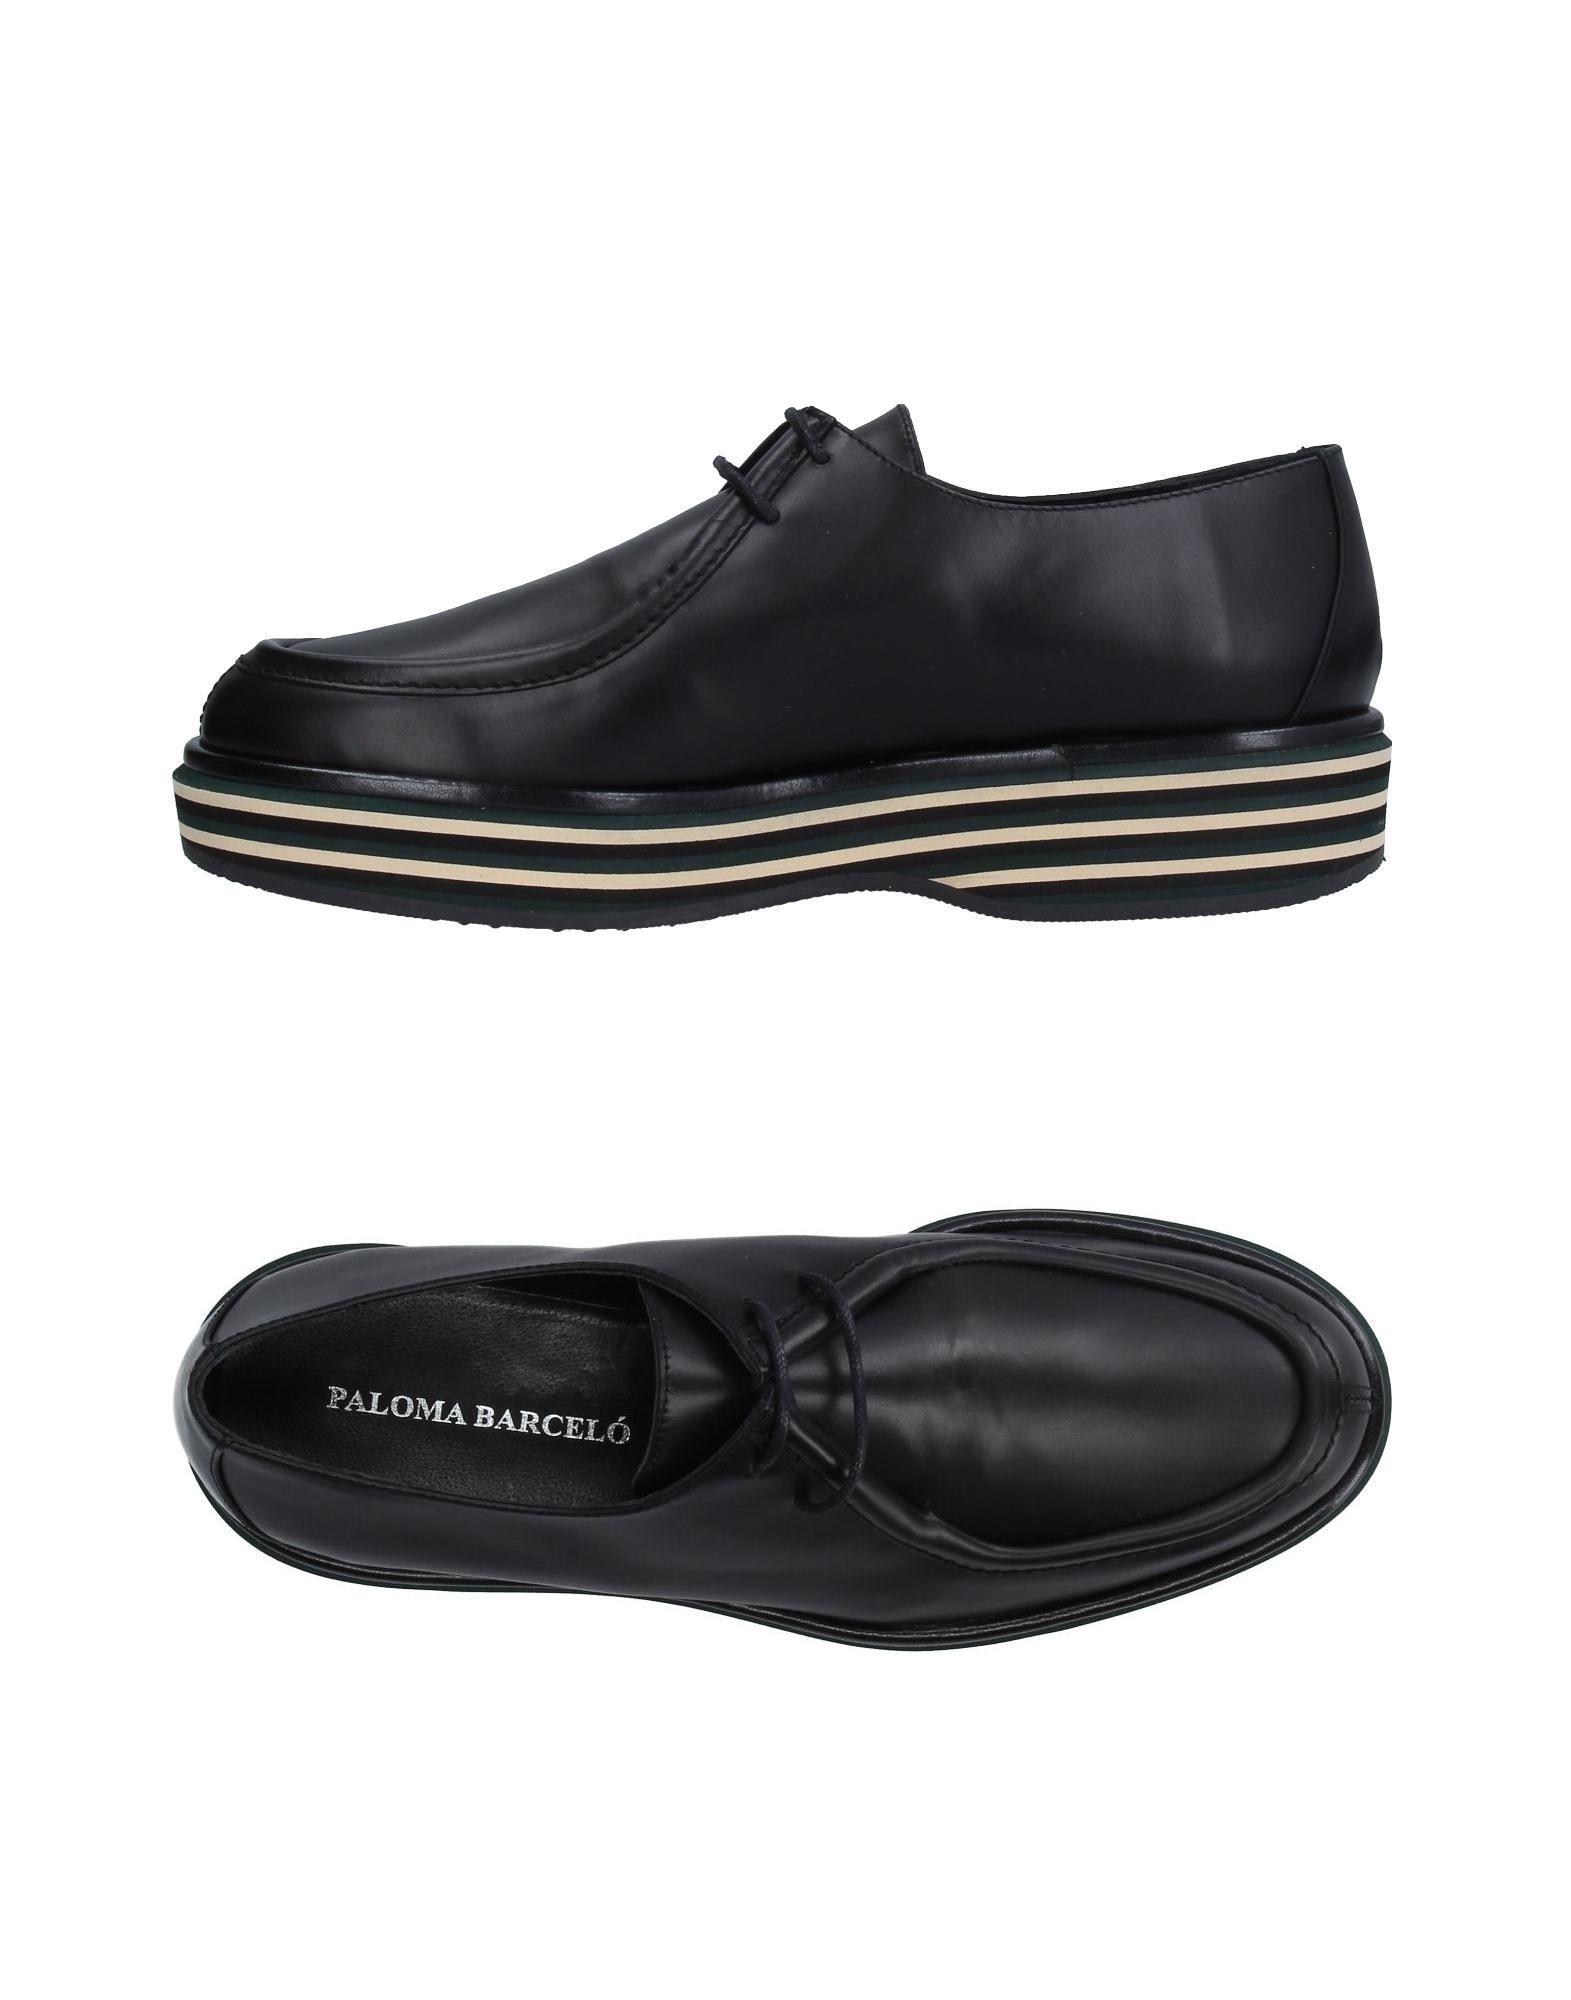 Paloma Barceló Schnürschuhe Damen  11223689TE Gute Qualität beliebte Schuhe